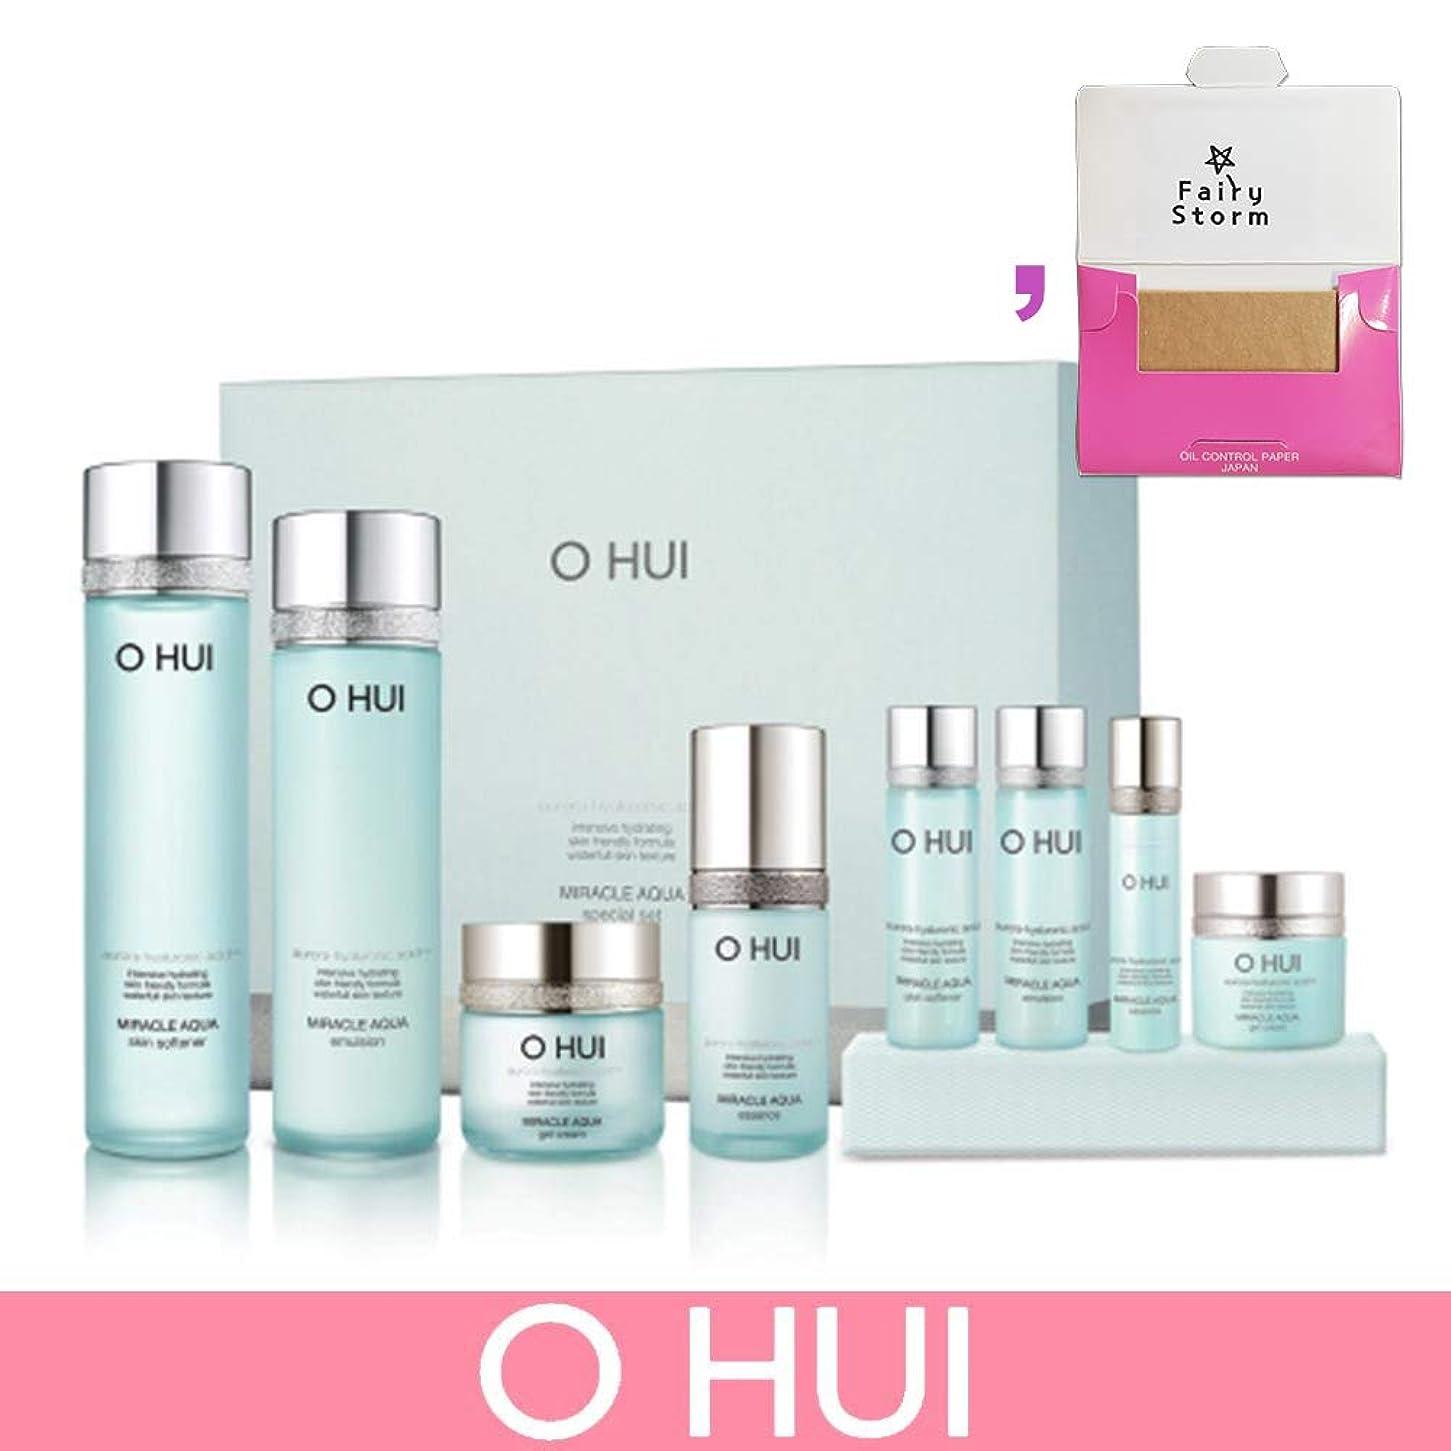 オフ八新鮮な[オフィ/O HUI]韓国化粧品 LG生活健康/O HUI MIRACLE AQUA SPECIAL SET/ミラクル アクア 4種セット + [Sample Gift](海外直送品)